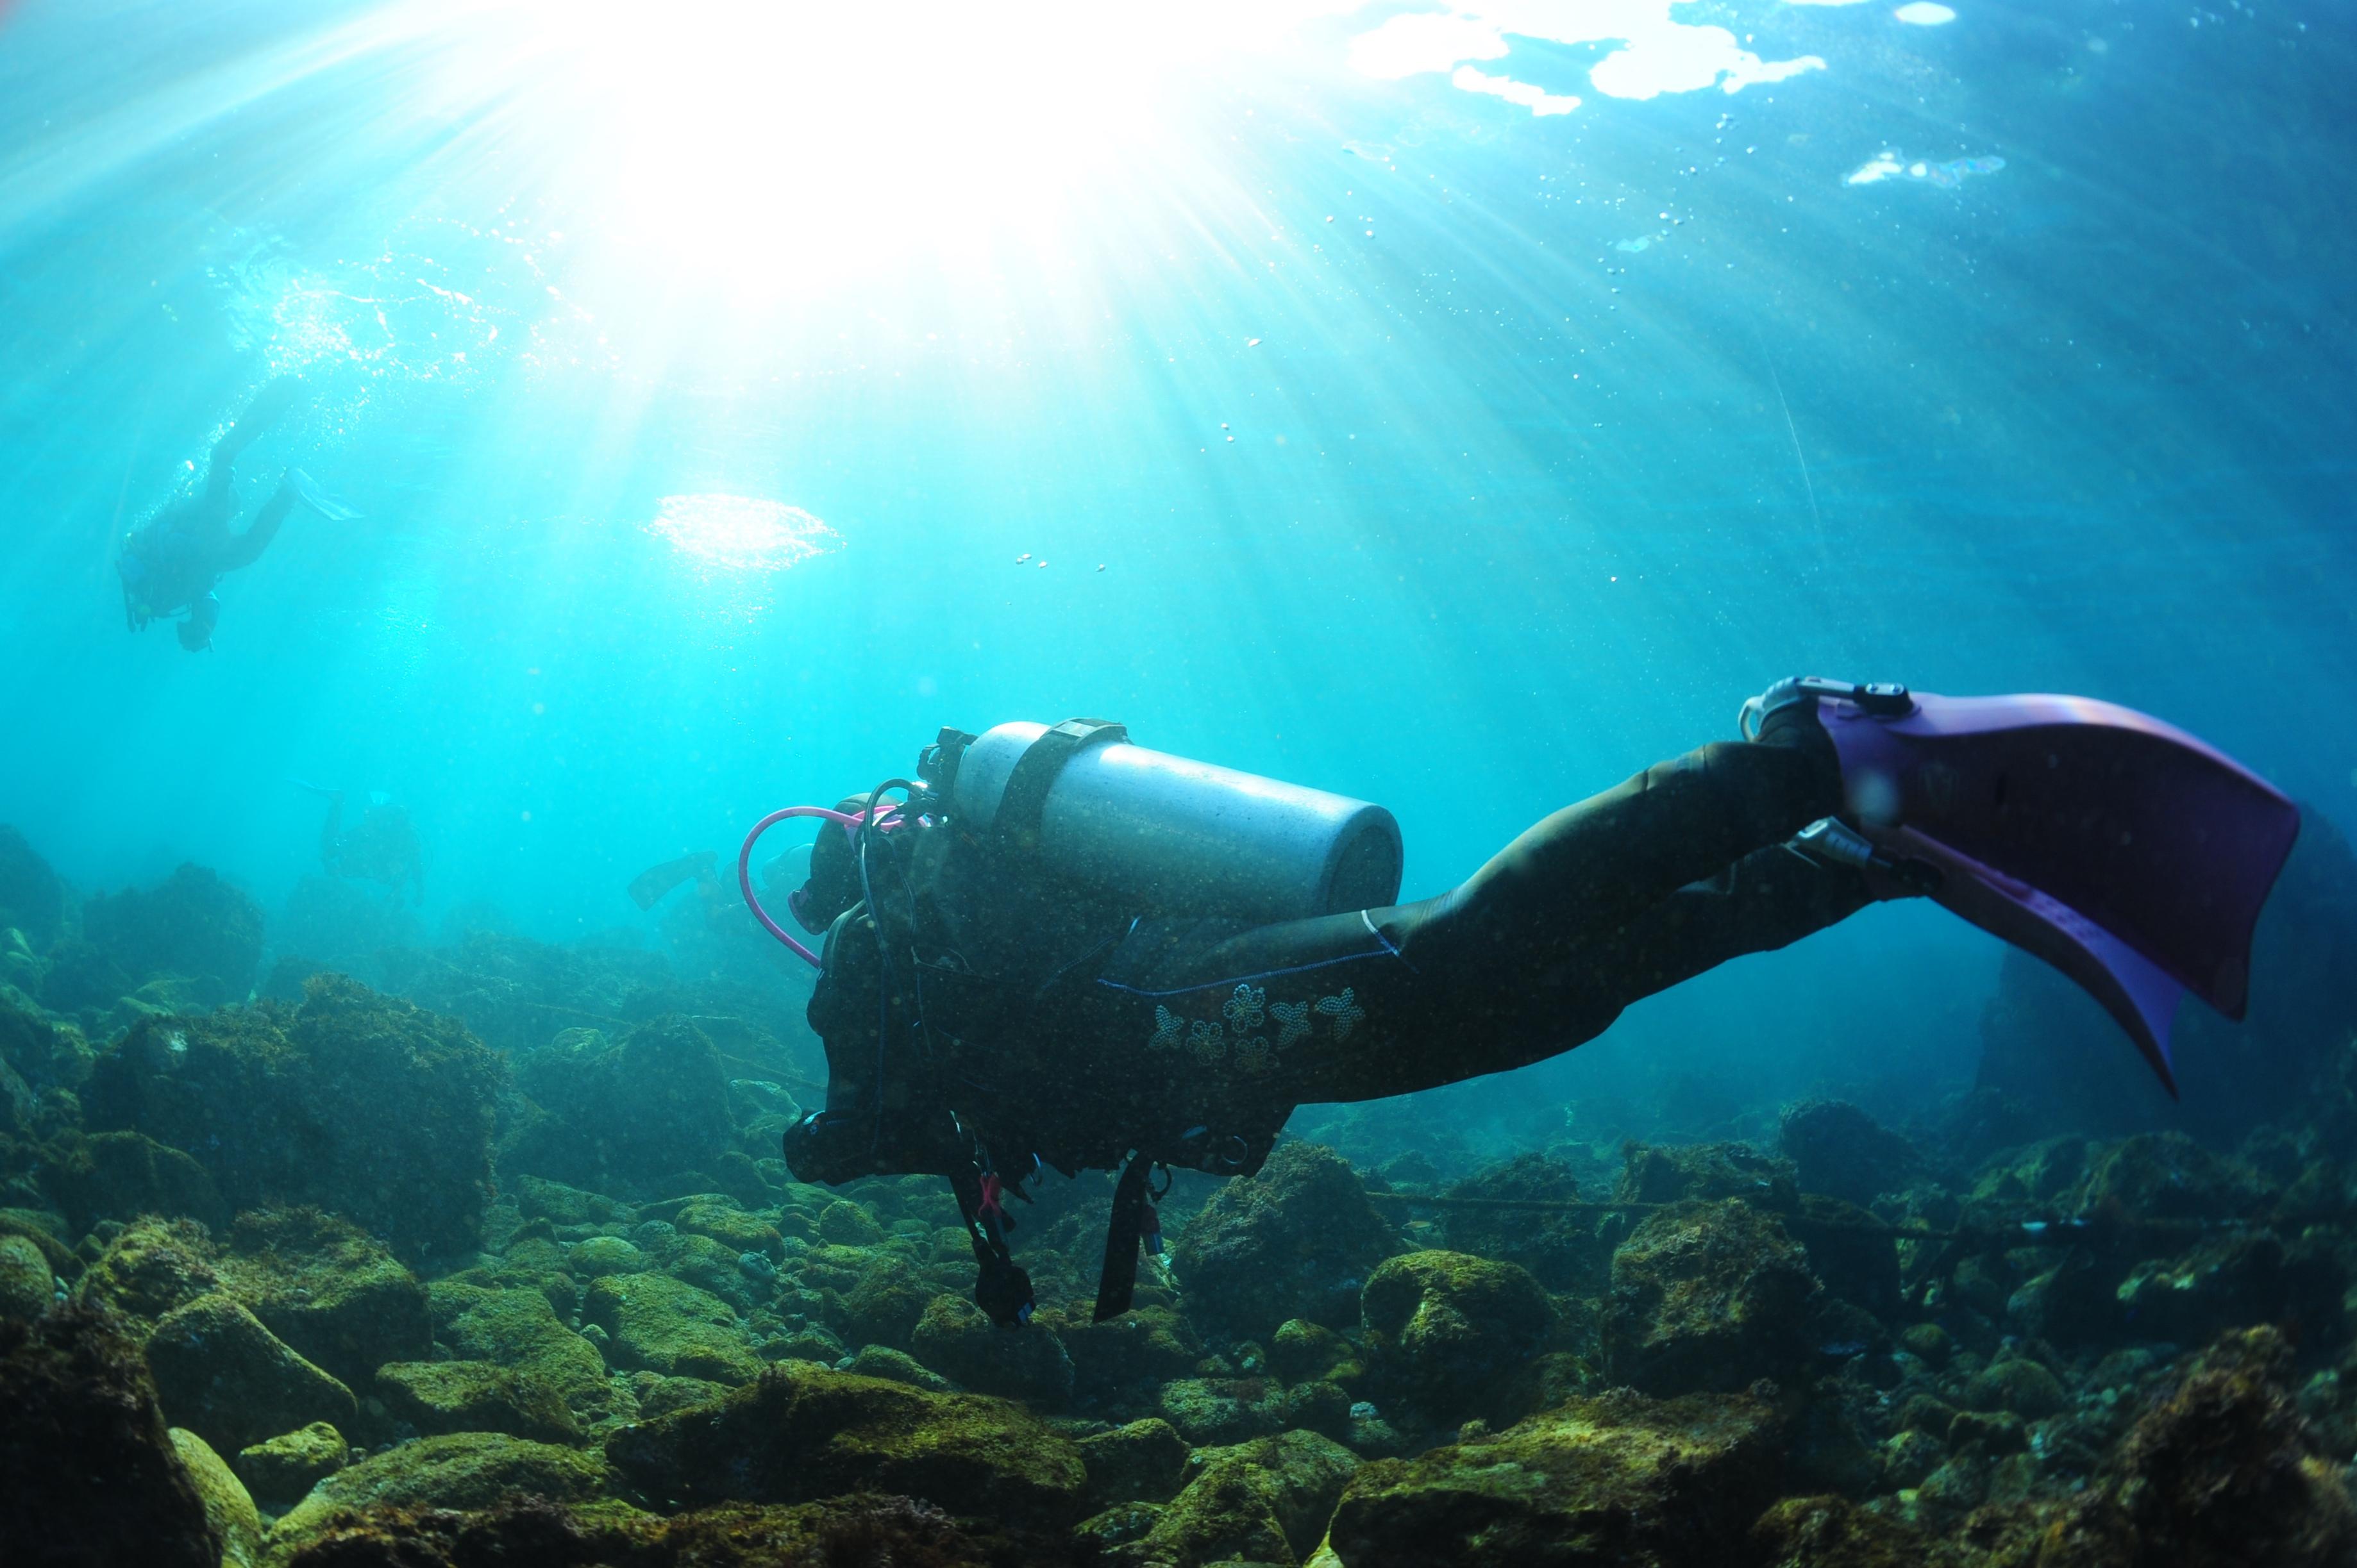 伊豆の海中世界を初めて体験できます。体験ダイビング(要予約)